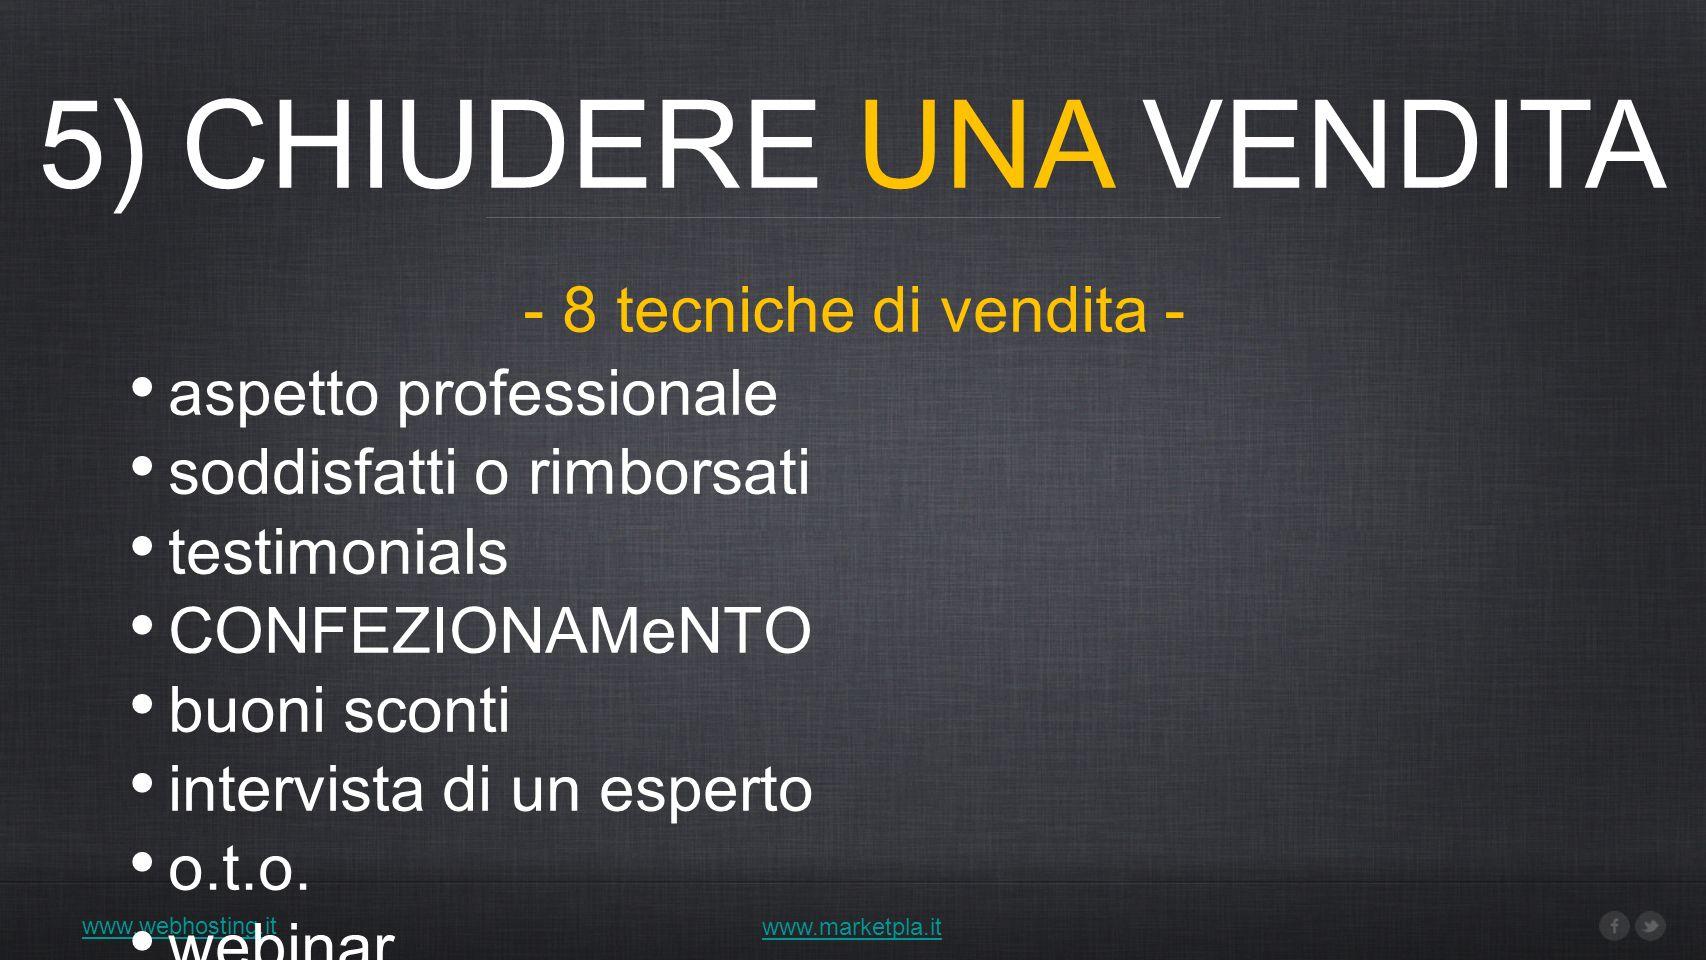 5) CHIUDERE UNA VENDITA www.webhosting.it www.marketpla.it aspetto professionale soddisfatti o rimborsati testimonials CONFEZIONAMeNTO buoni sconti intervista di un esperto o.t.o.